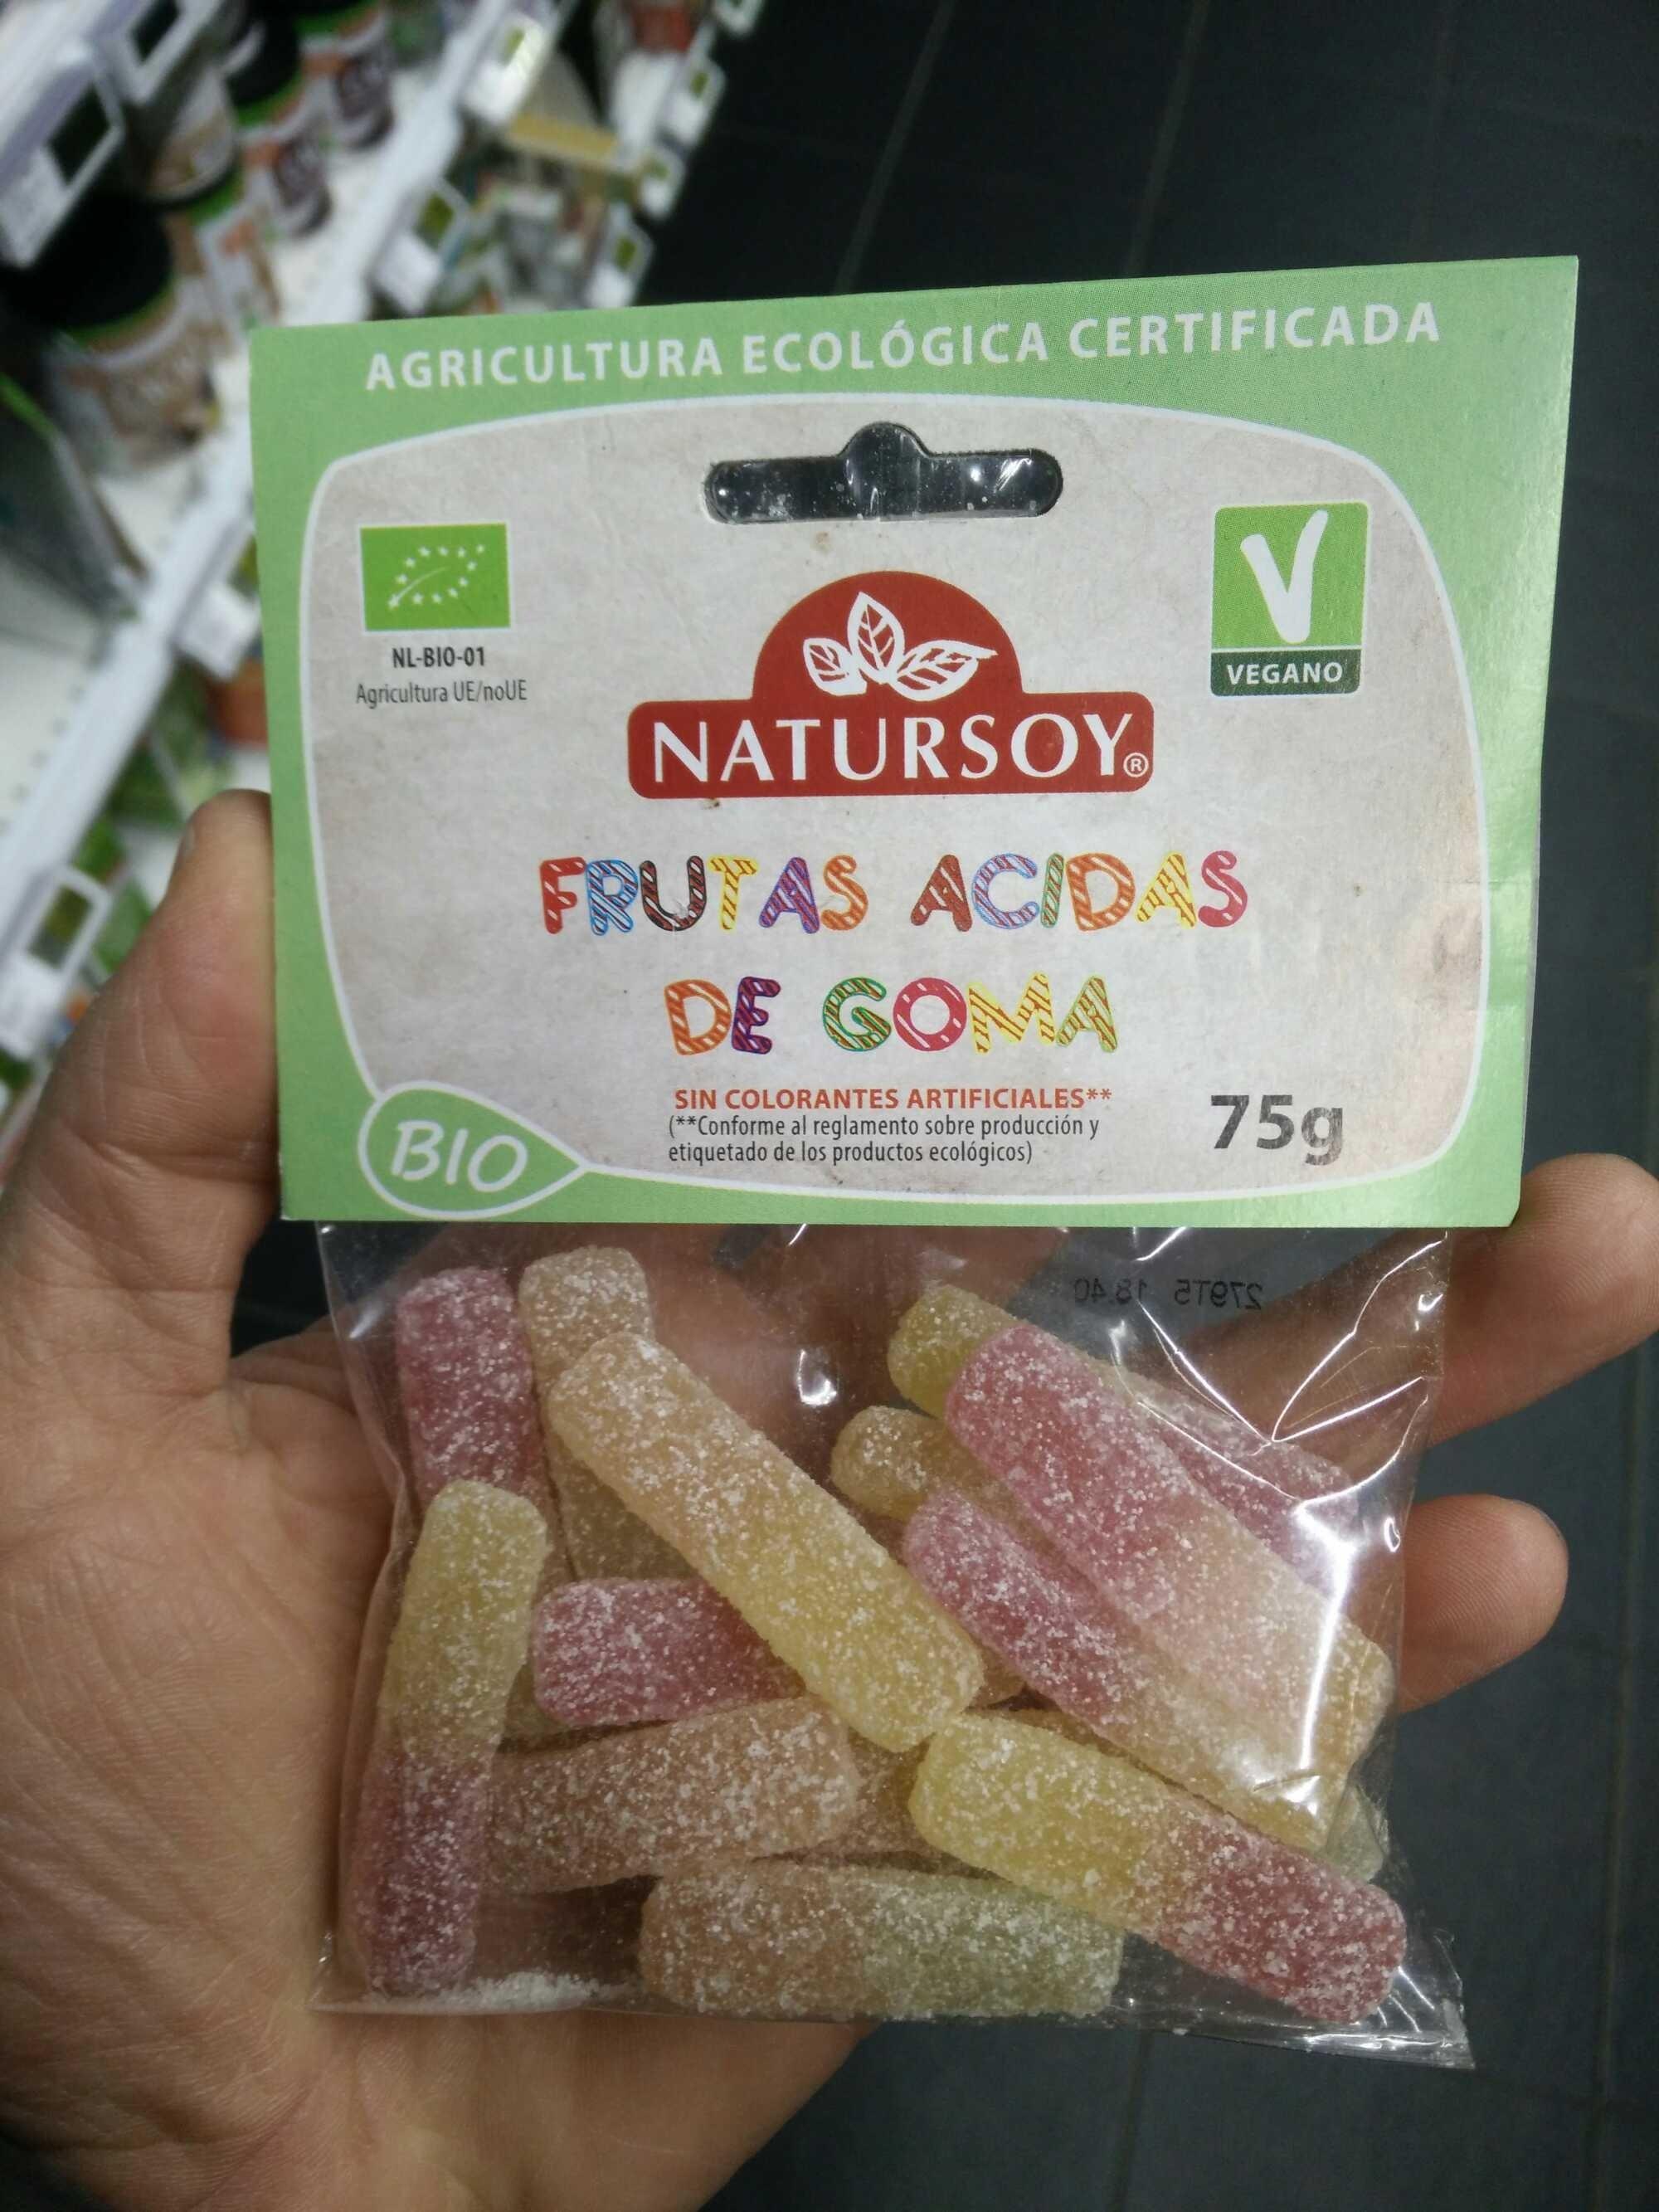 Bonbons gélifiés acid aux fruits - Producto